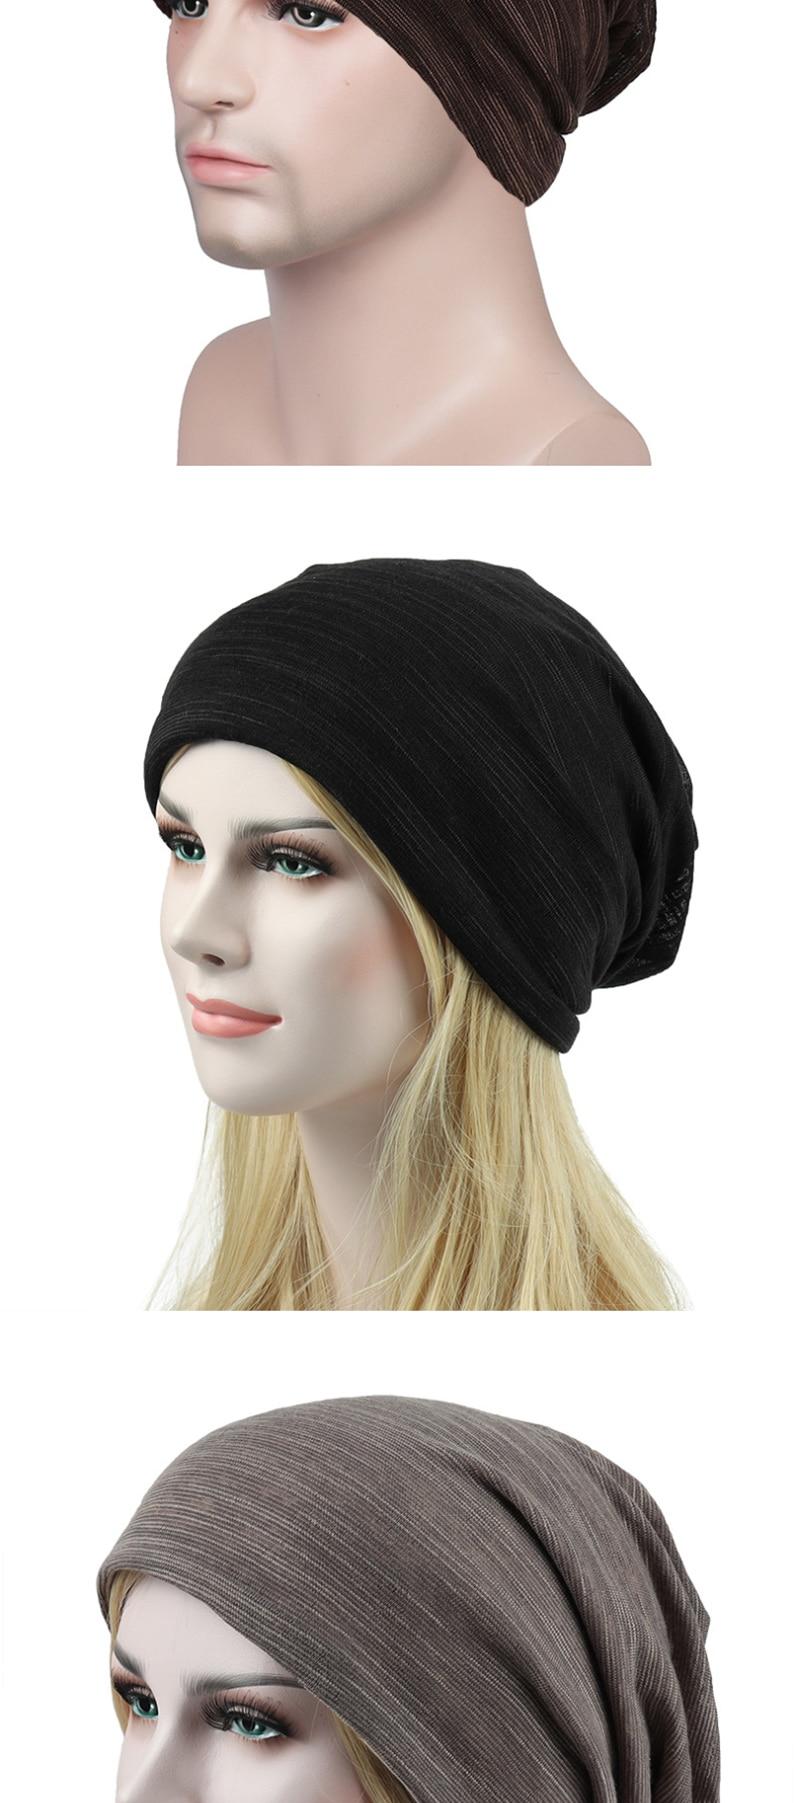 新款针织帽_2019-eilish刺绣针织帽套头嘻哈帽毛线帽18色---阿里巴巴_04